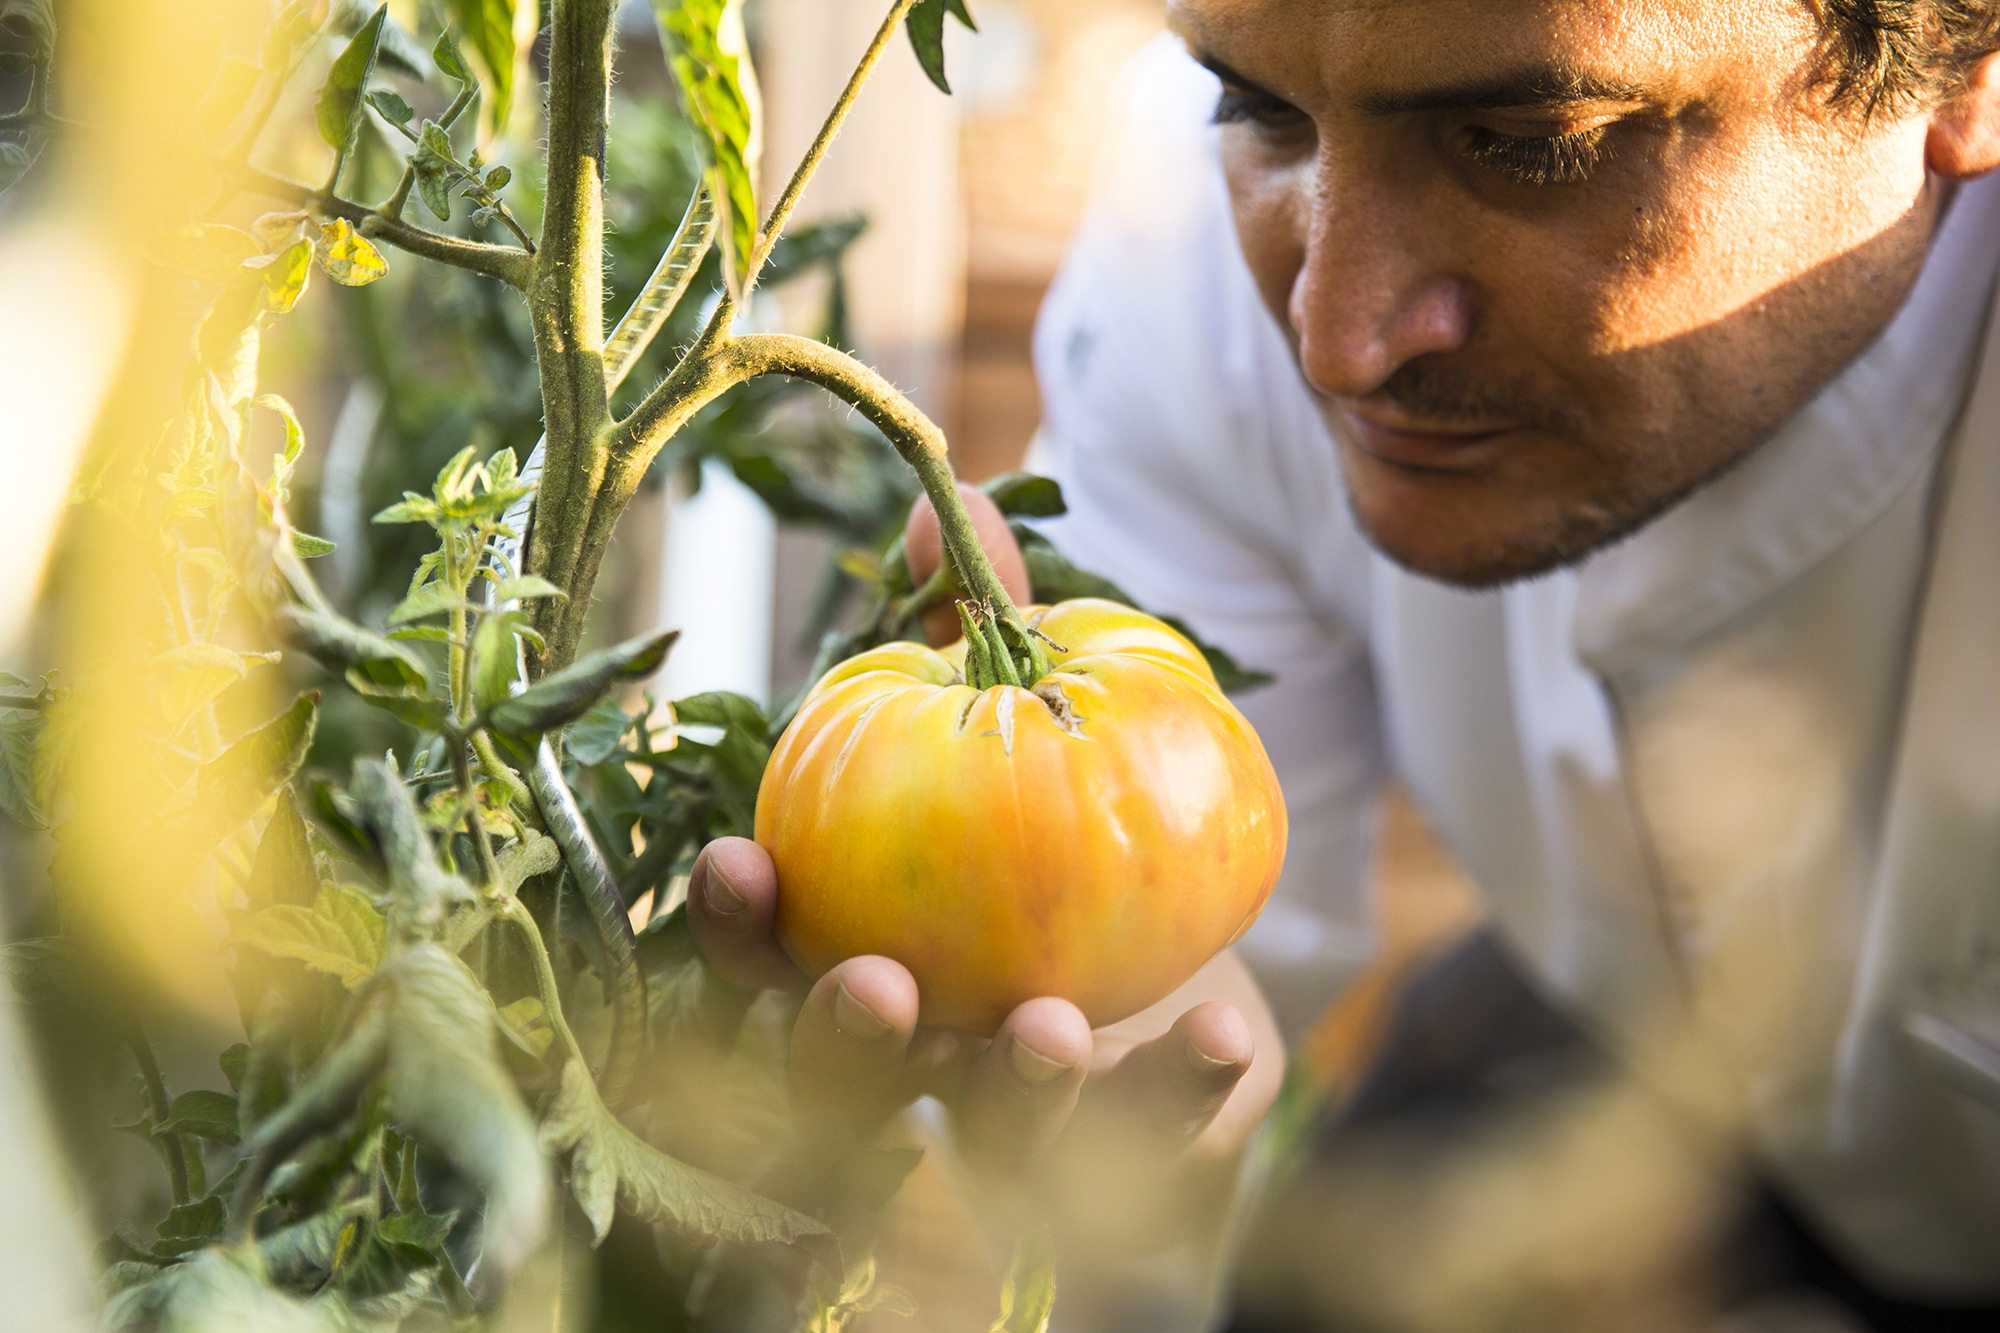 マウロの自宅の隣には自家農園があり、いつでも新鮮な野菜やハーブを収穫できる。